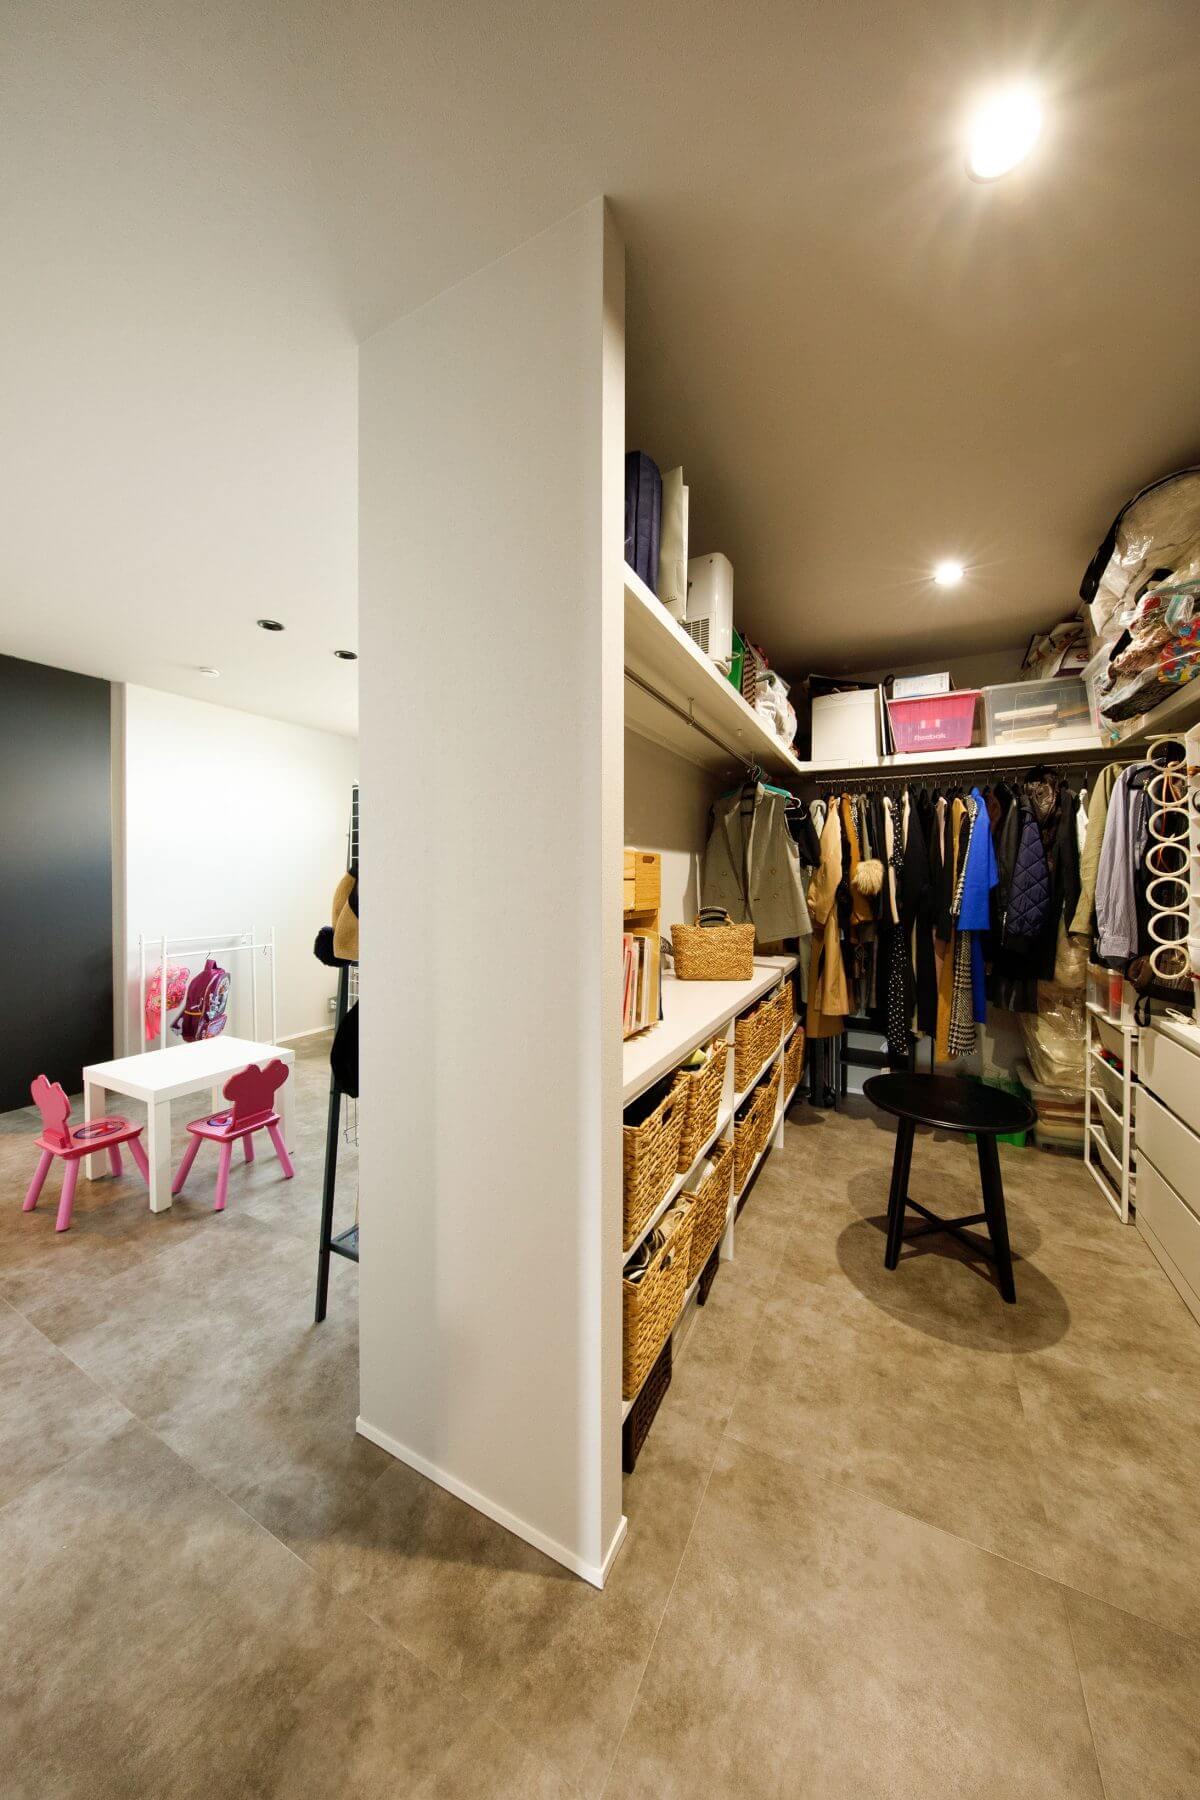 子ども部屋に隣接するファミリークローゼット。この空間は、洗濯室も隣接しているため、最小限の移動でここへ収納できます。子どもたちも気軽にここで洋服やバックなどを出し入れでき、片付けの習慣や自立心など養われます。